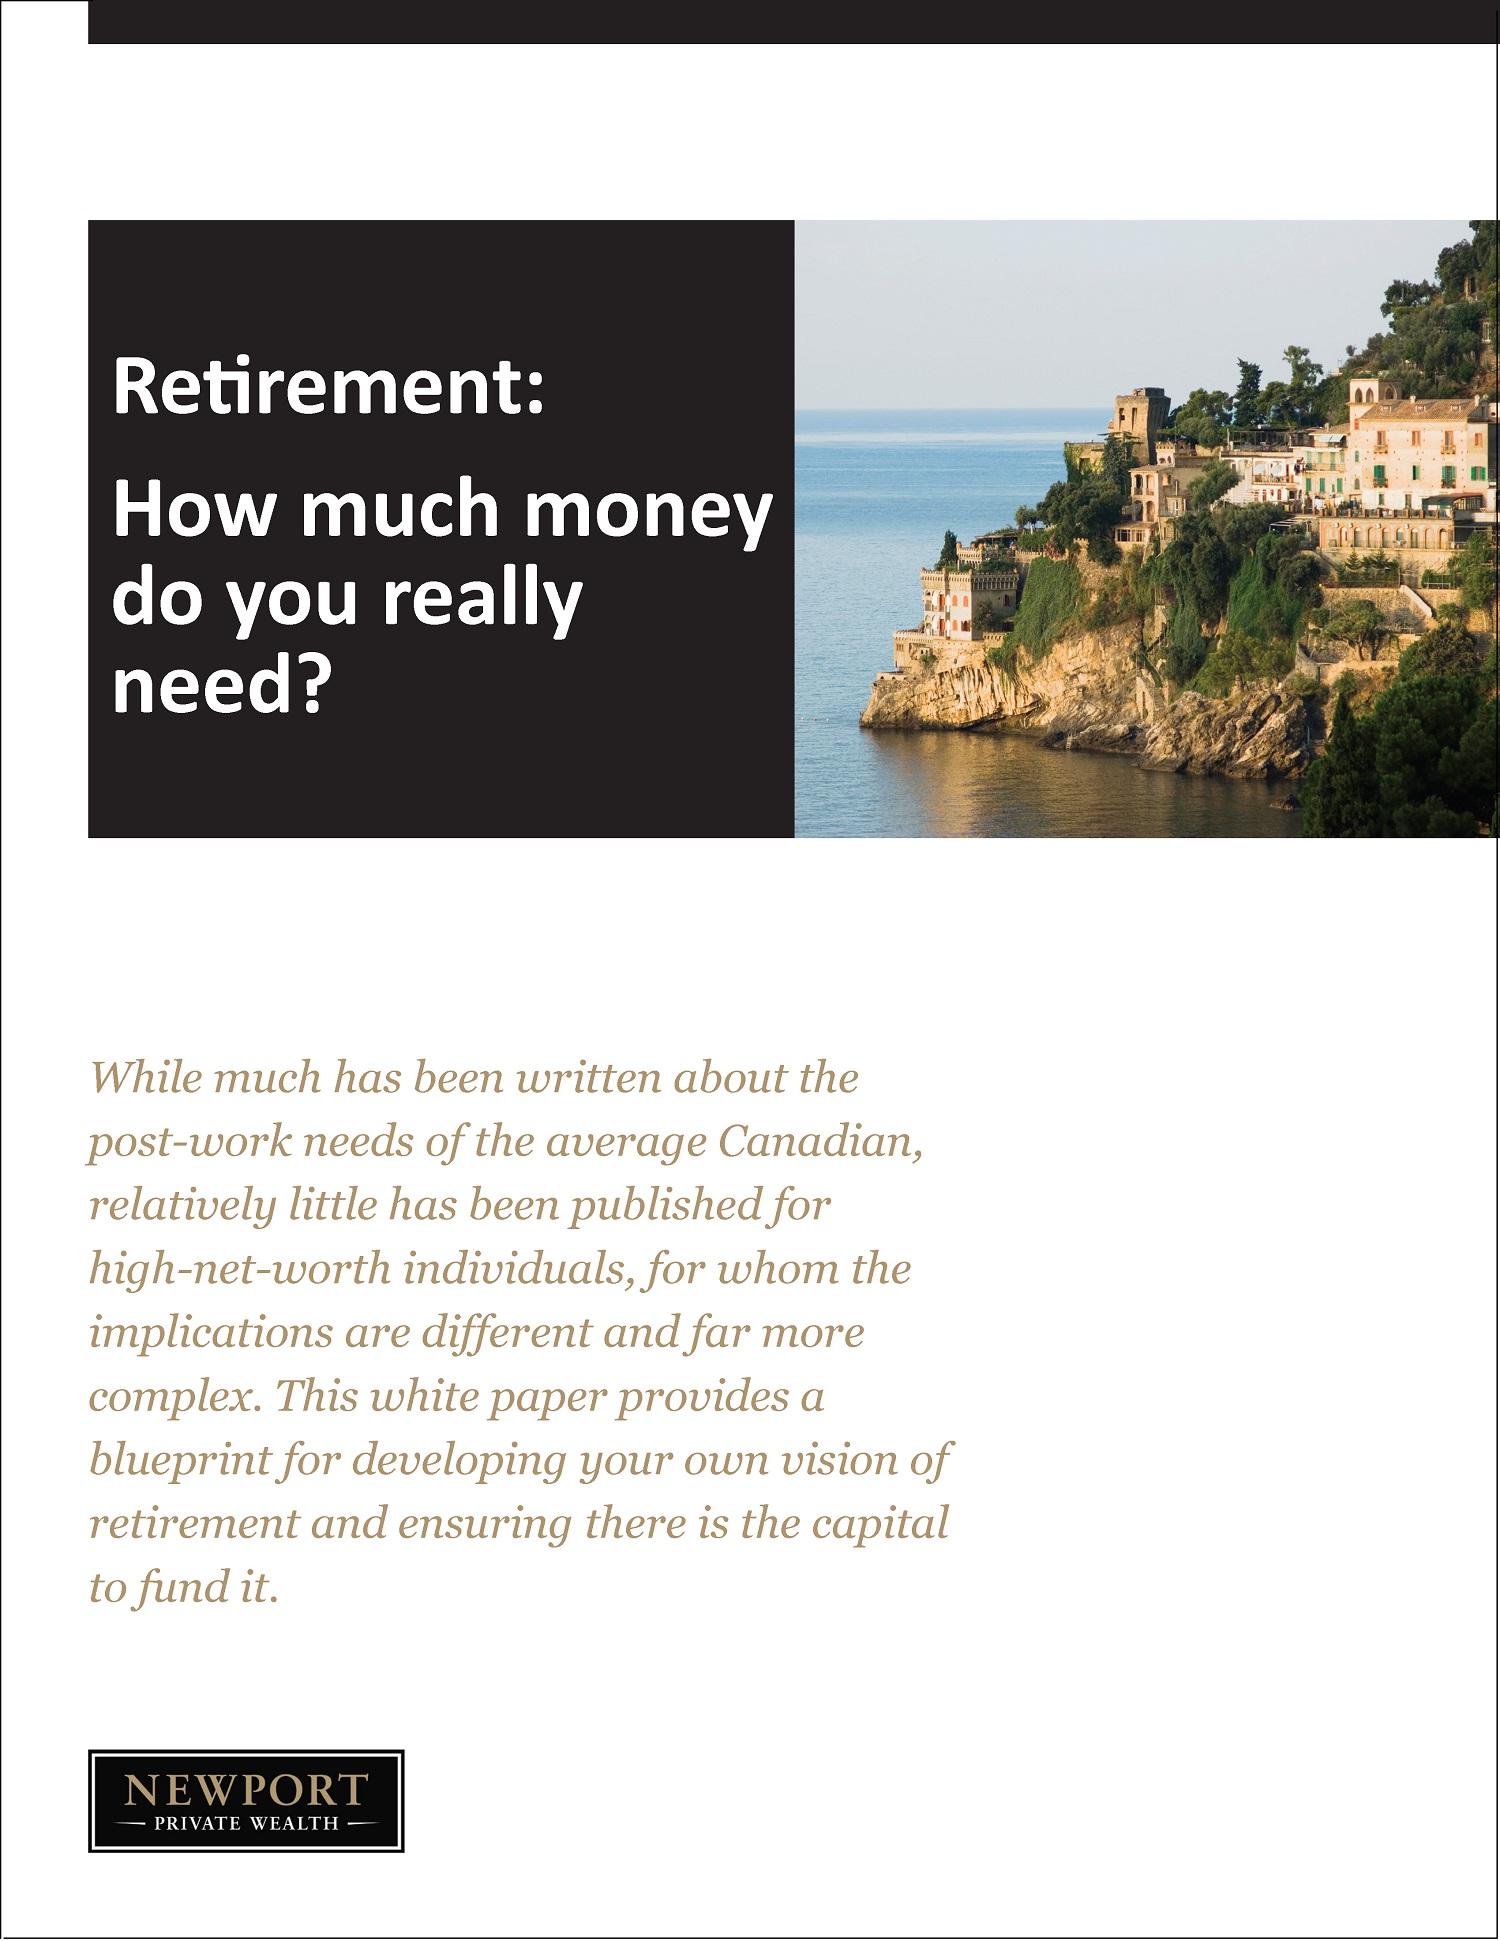 cover_npwi_retirement_jan20151